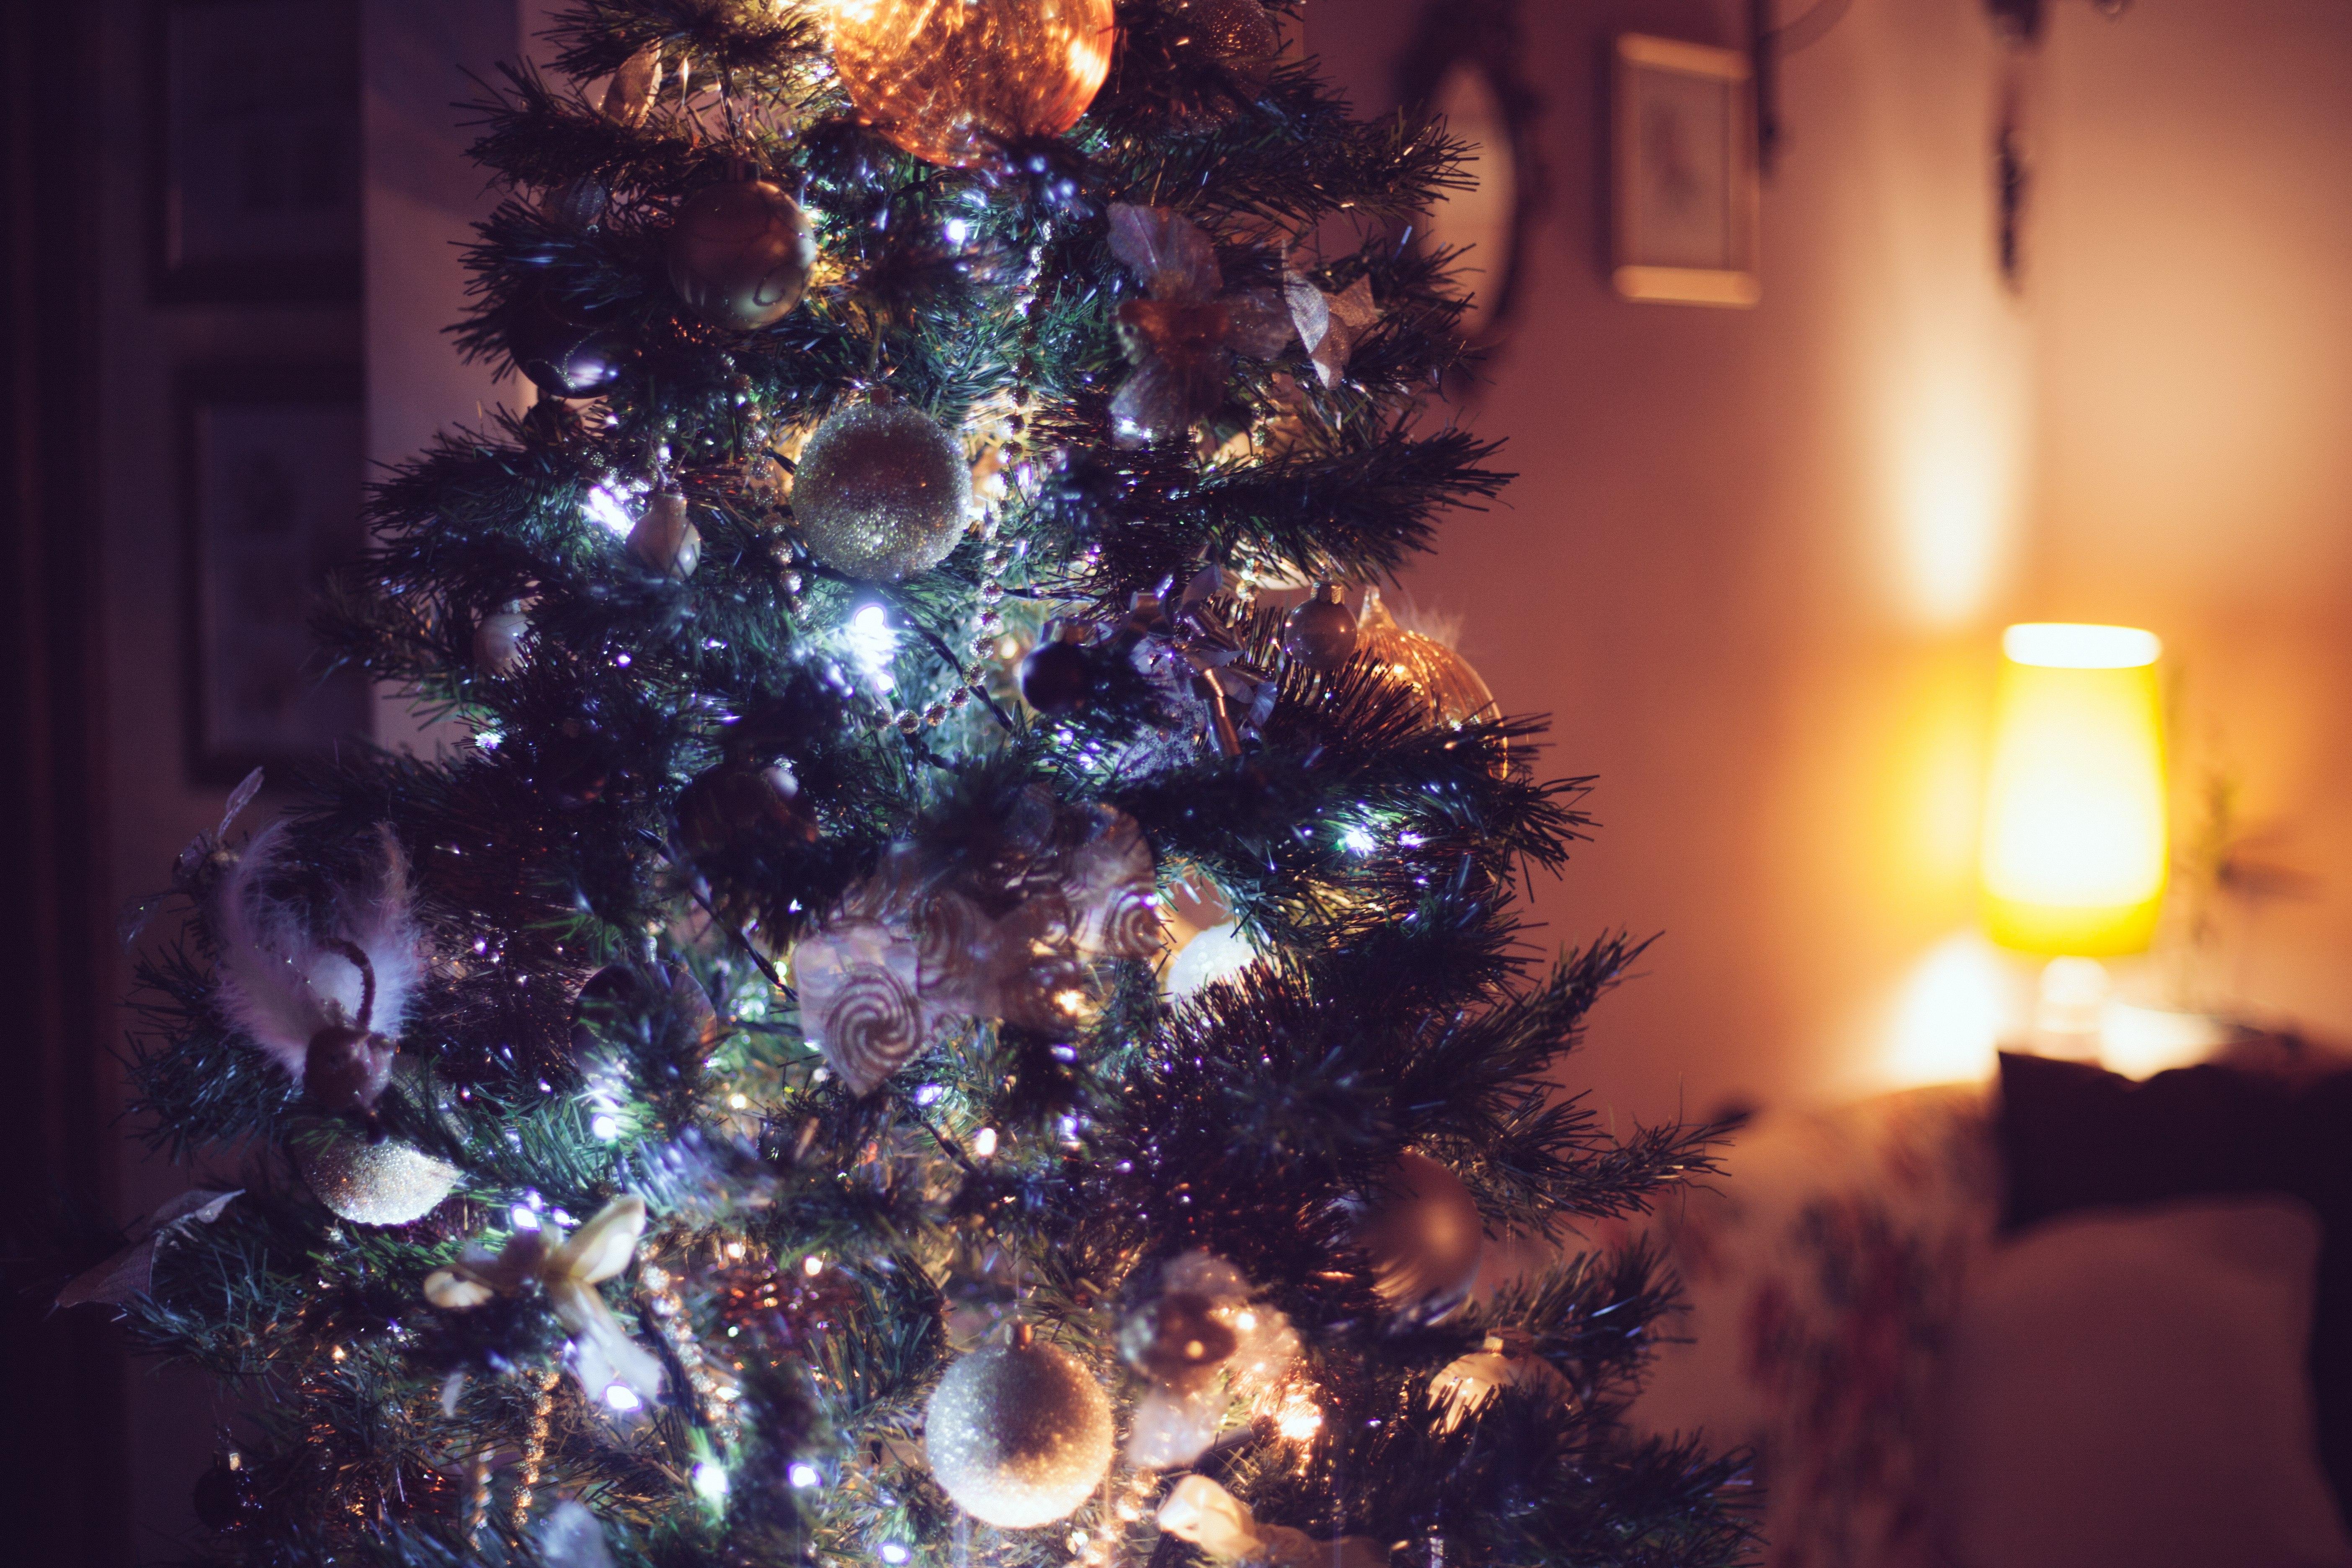 106488 Salvapantallas y fondos de pantalla Año Nuevo en tu teléfono. Descarga imágenes de Vacaciones, Árbol De Navidad, Decoraciones, Navidad, Año Nuevo gratis